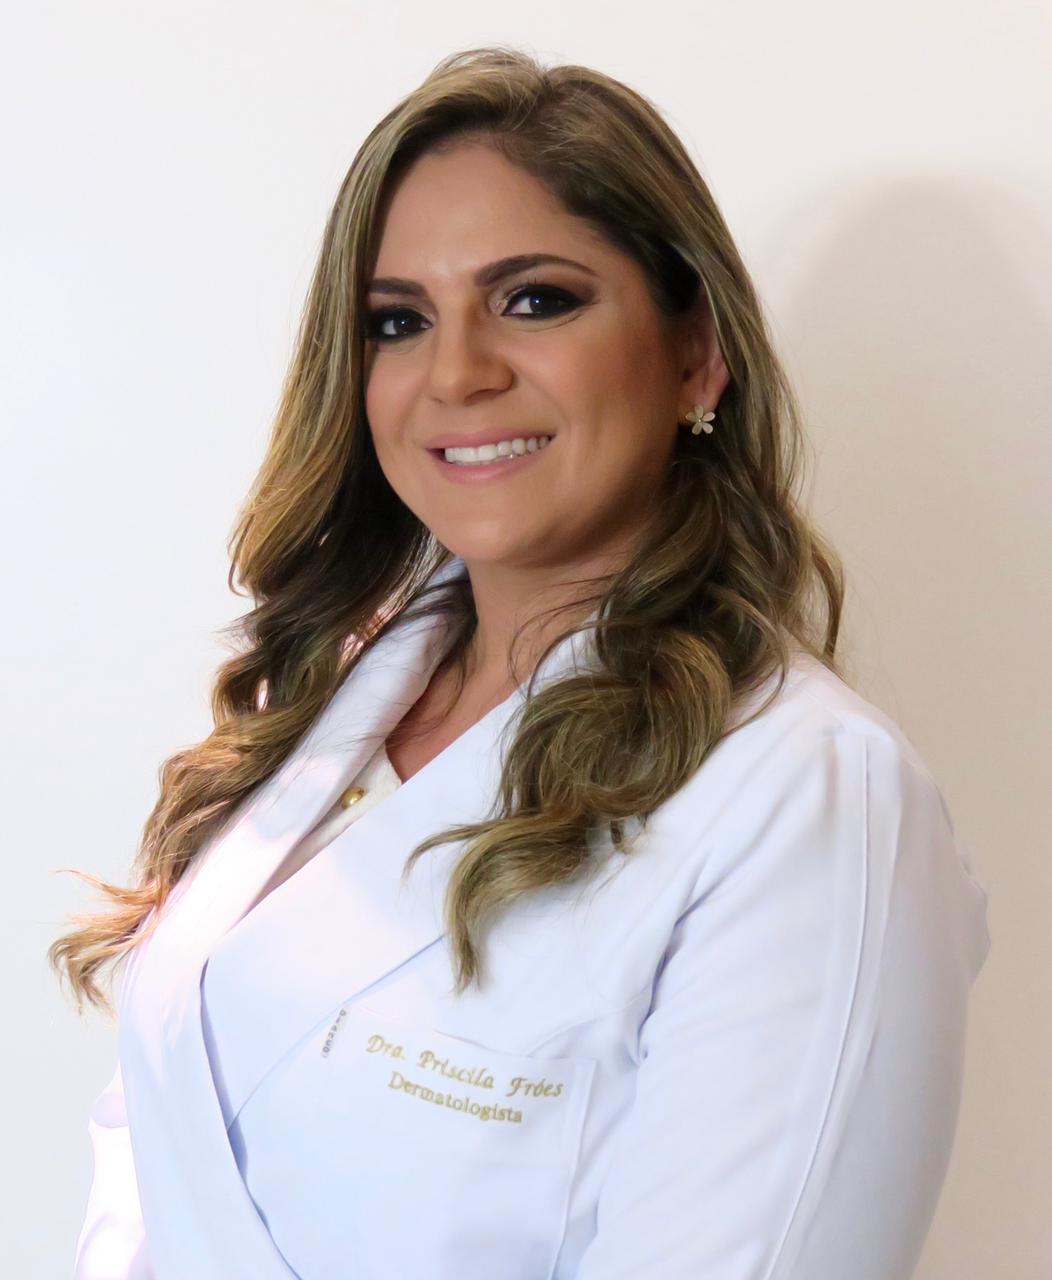 Foto da Doutora Priscila Frões